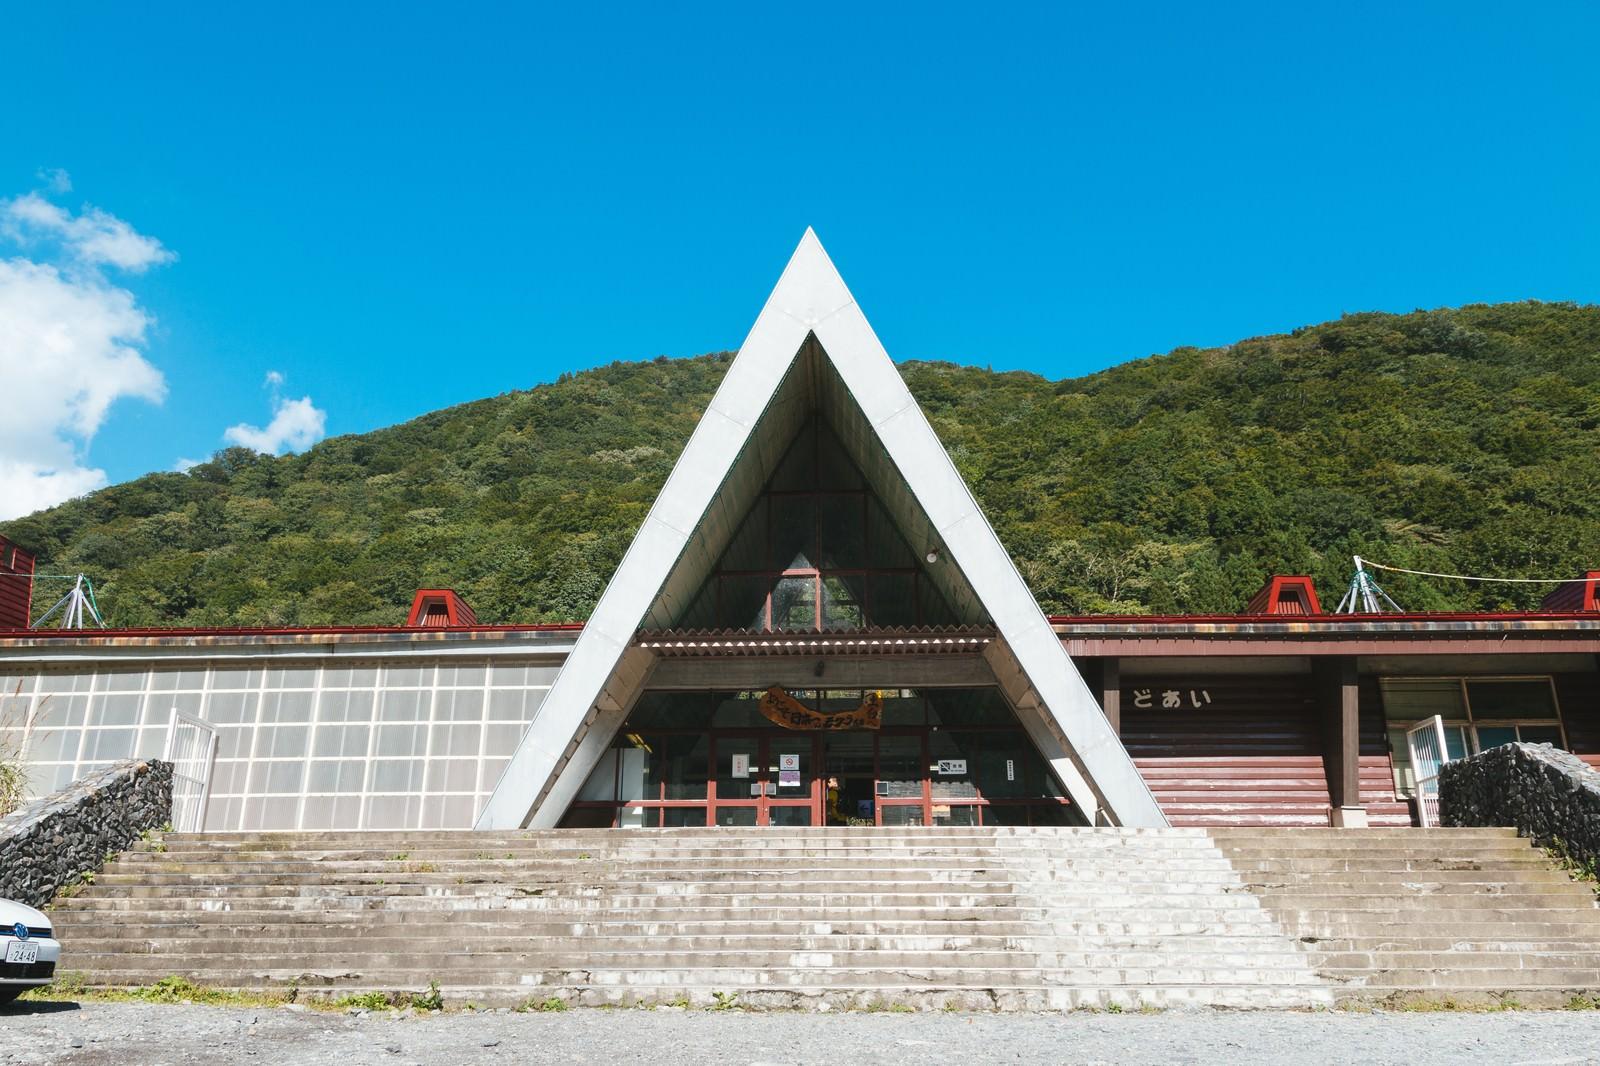 「土合駅(どあいえき)」の写真